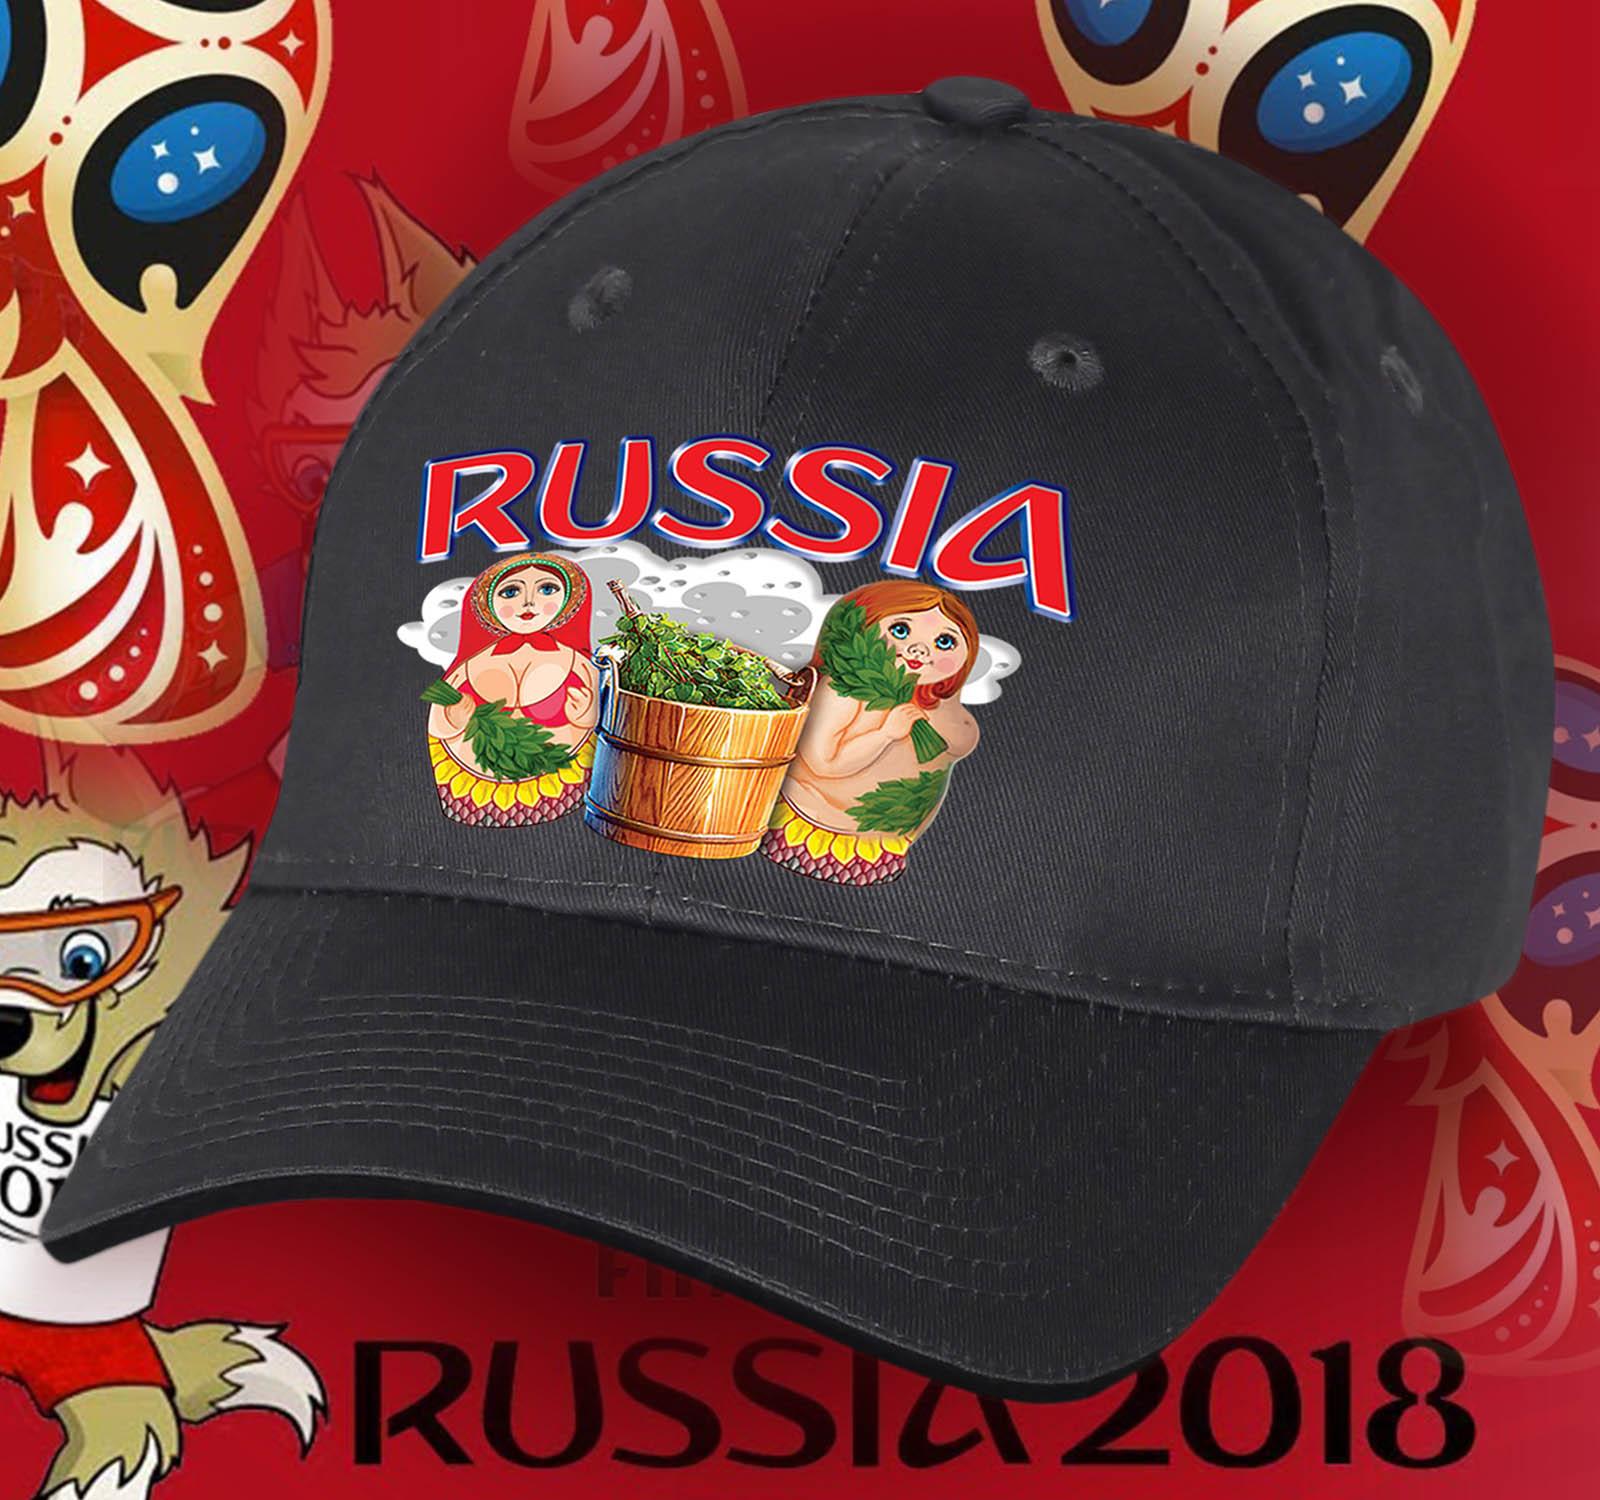 Стильная кепка для патриотов России